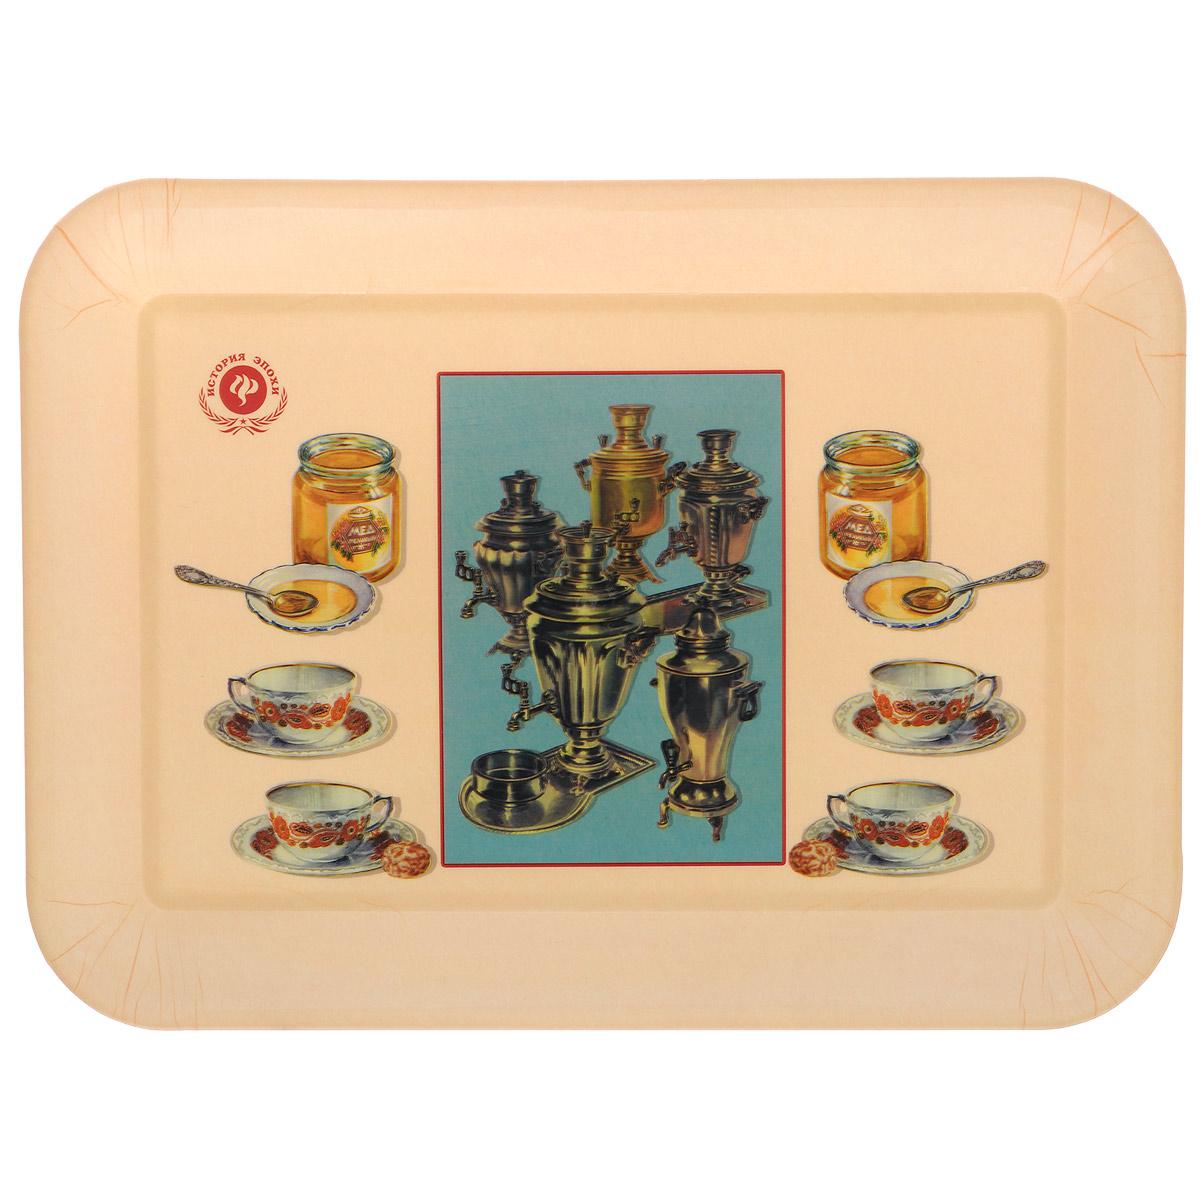 Поднос Феникс-презент Самовары, 35,5 х 25,5 см лампа настольная феникс презент белка цвет белый 17 х 12 х 19 см